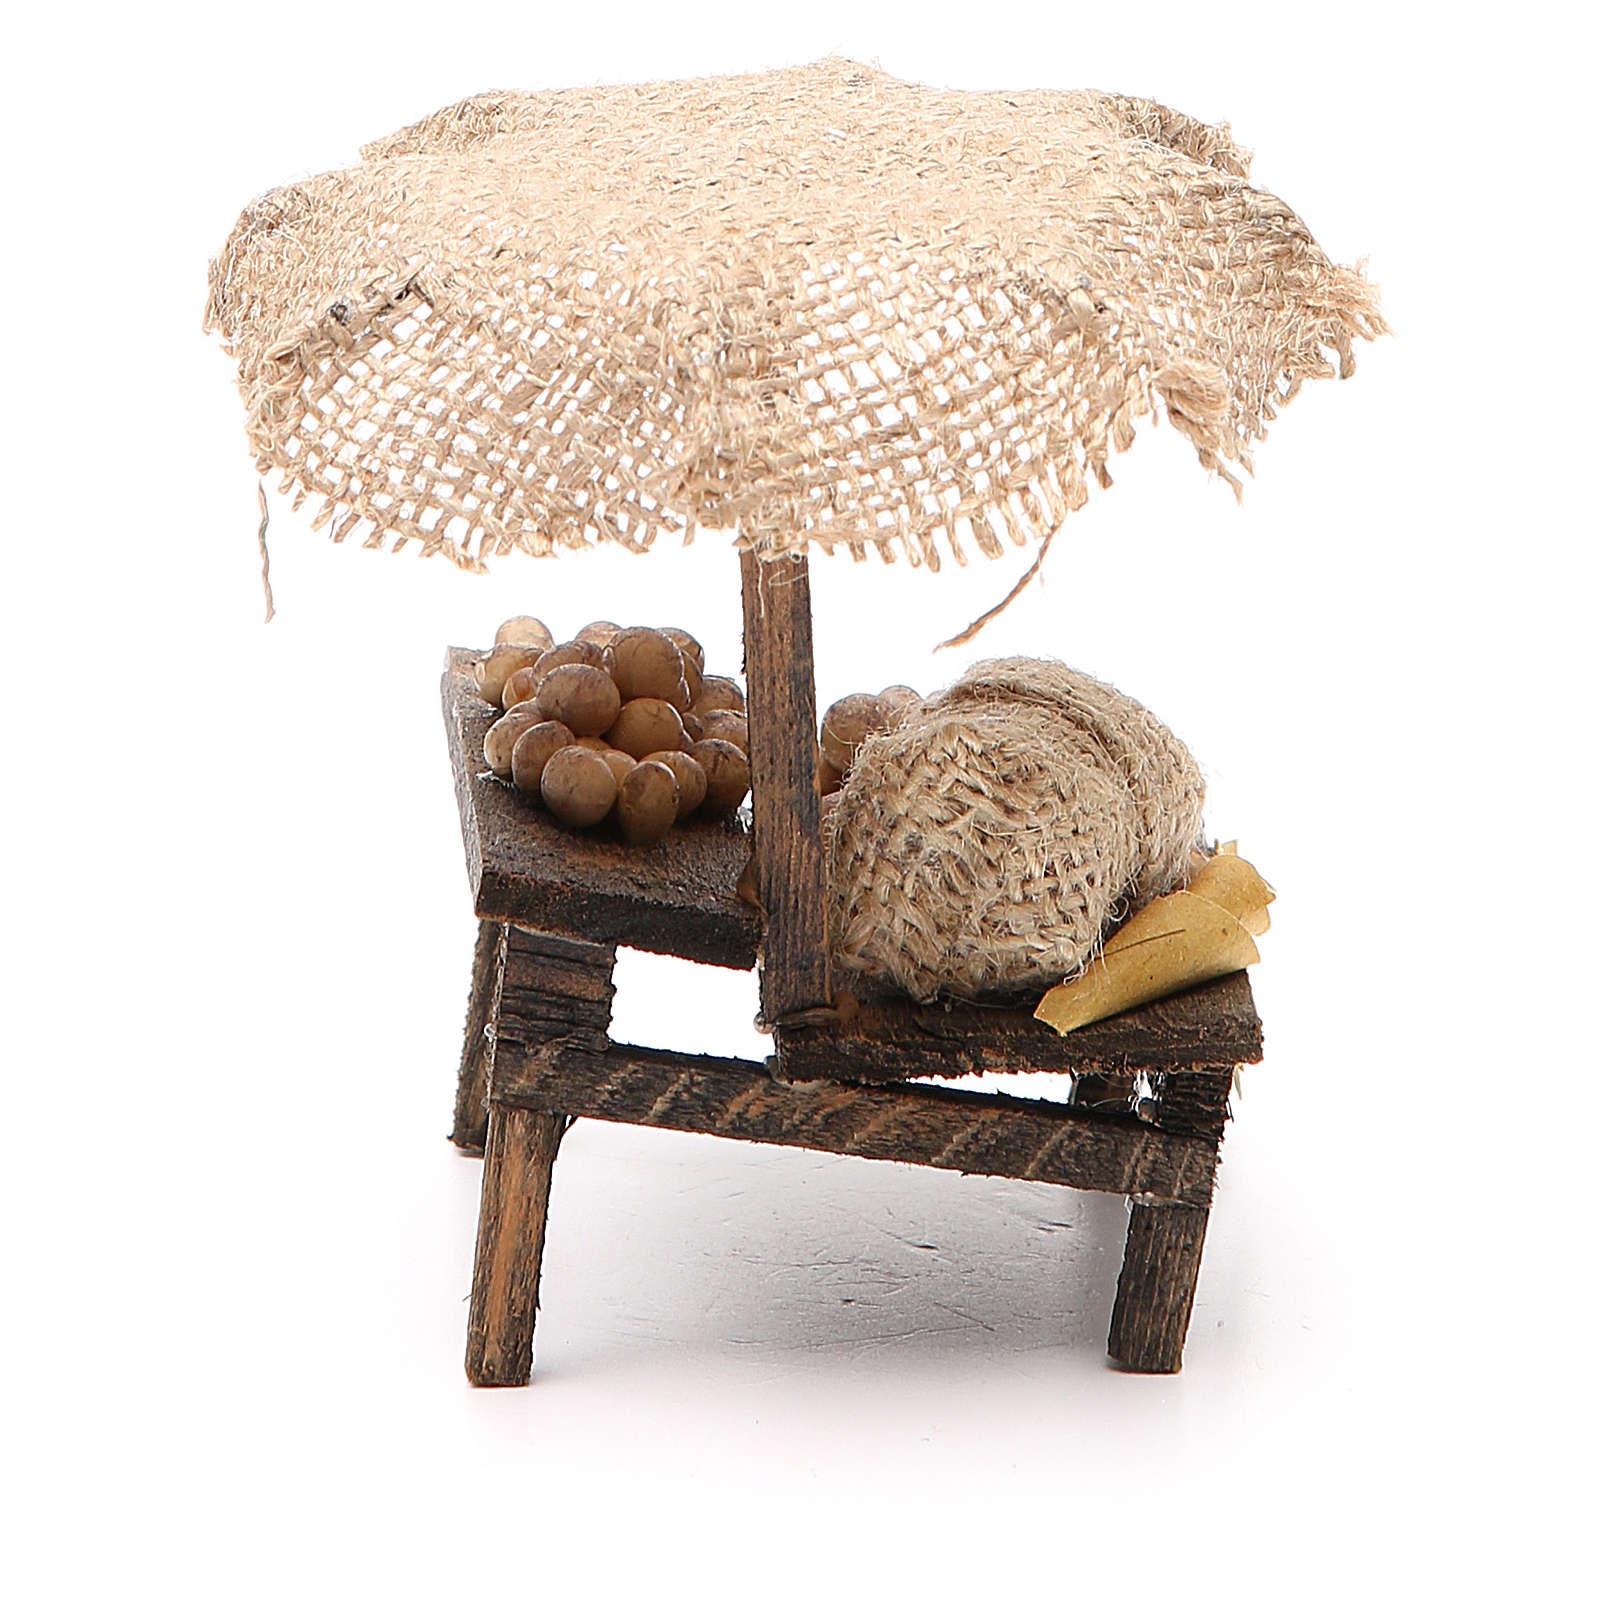 Banc de marché crèche avec oeufs et parasol 12x10x12 cm 4